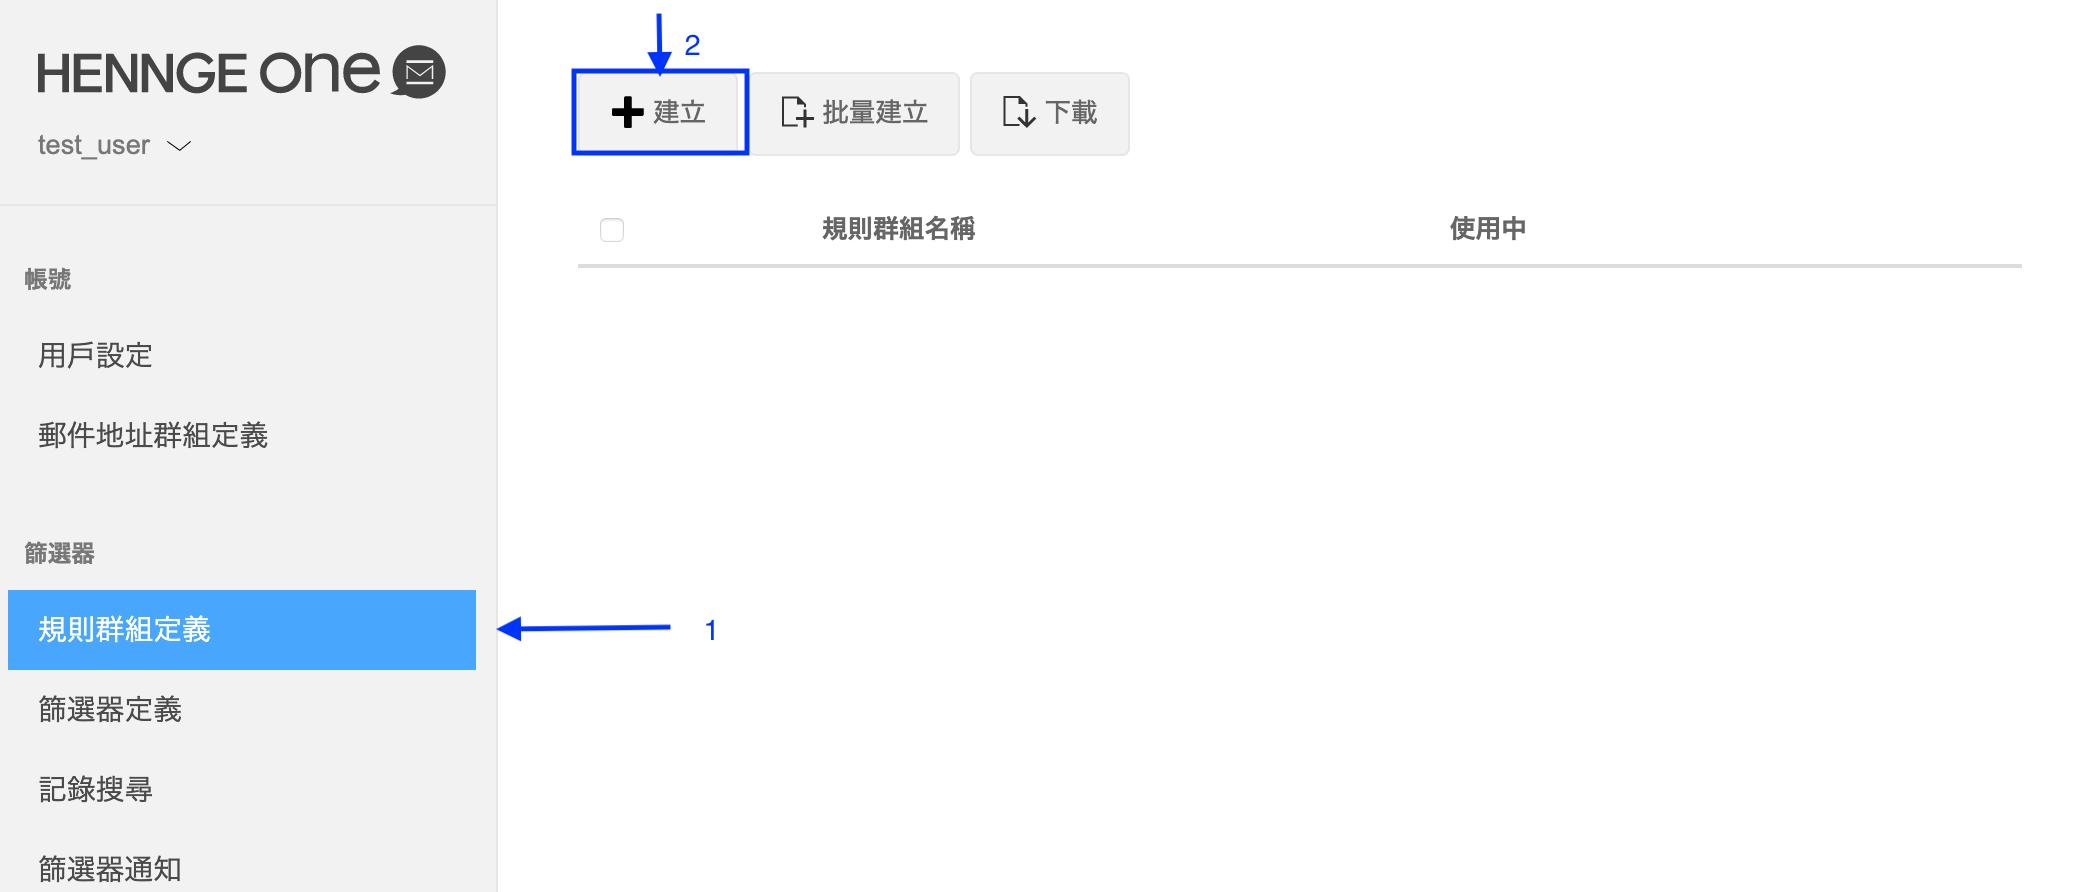 Screen_Shot_2020-03-30_at_14.28.55.png